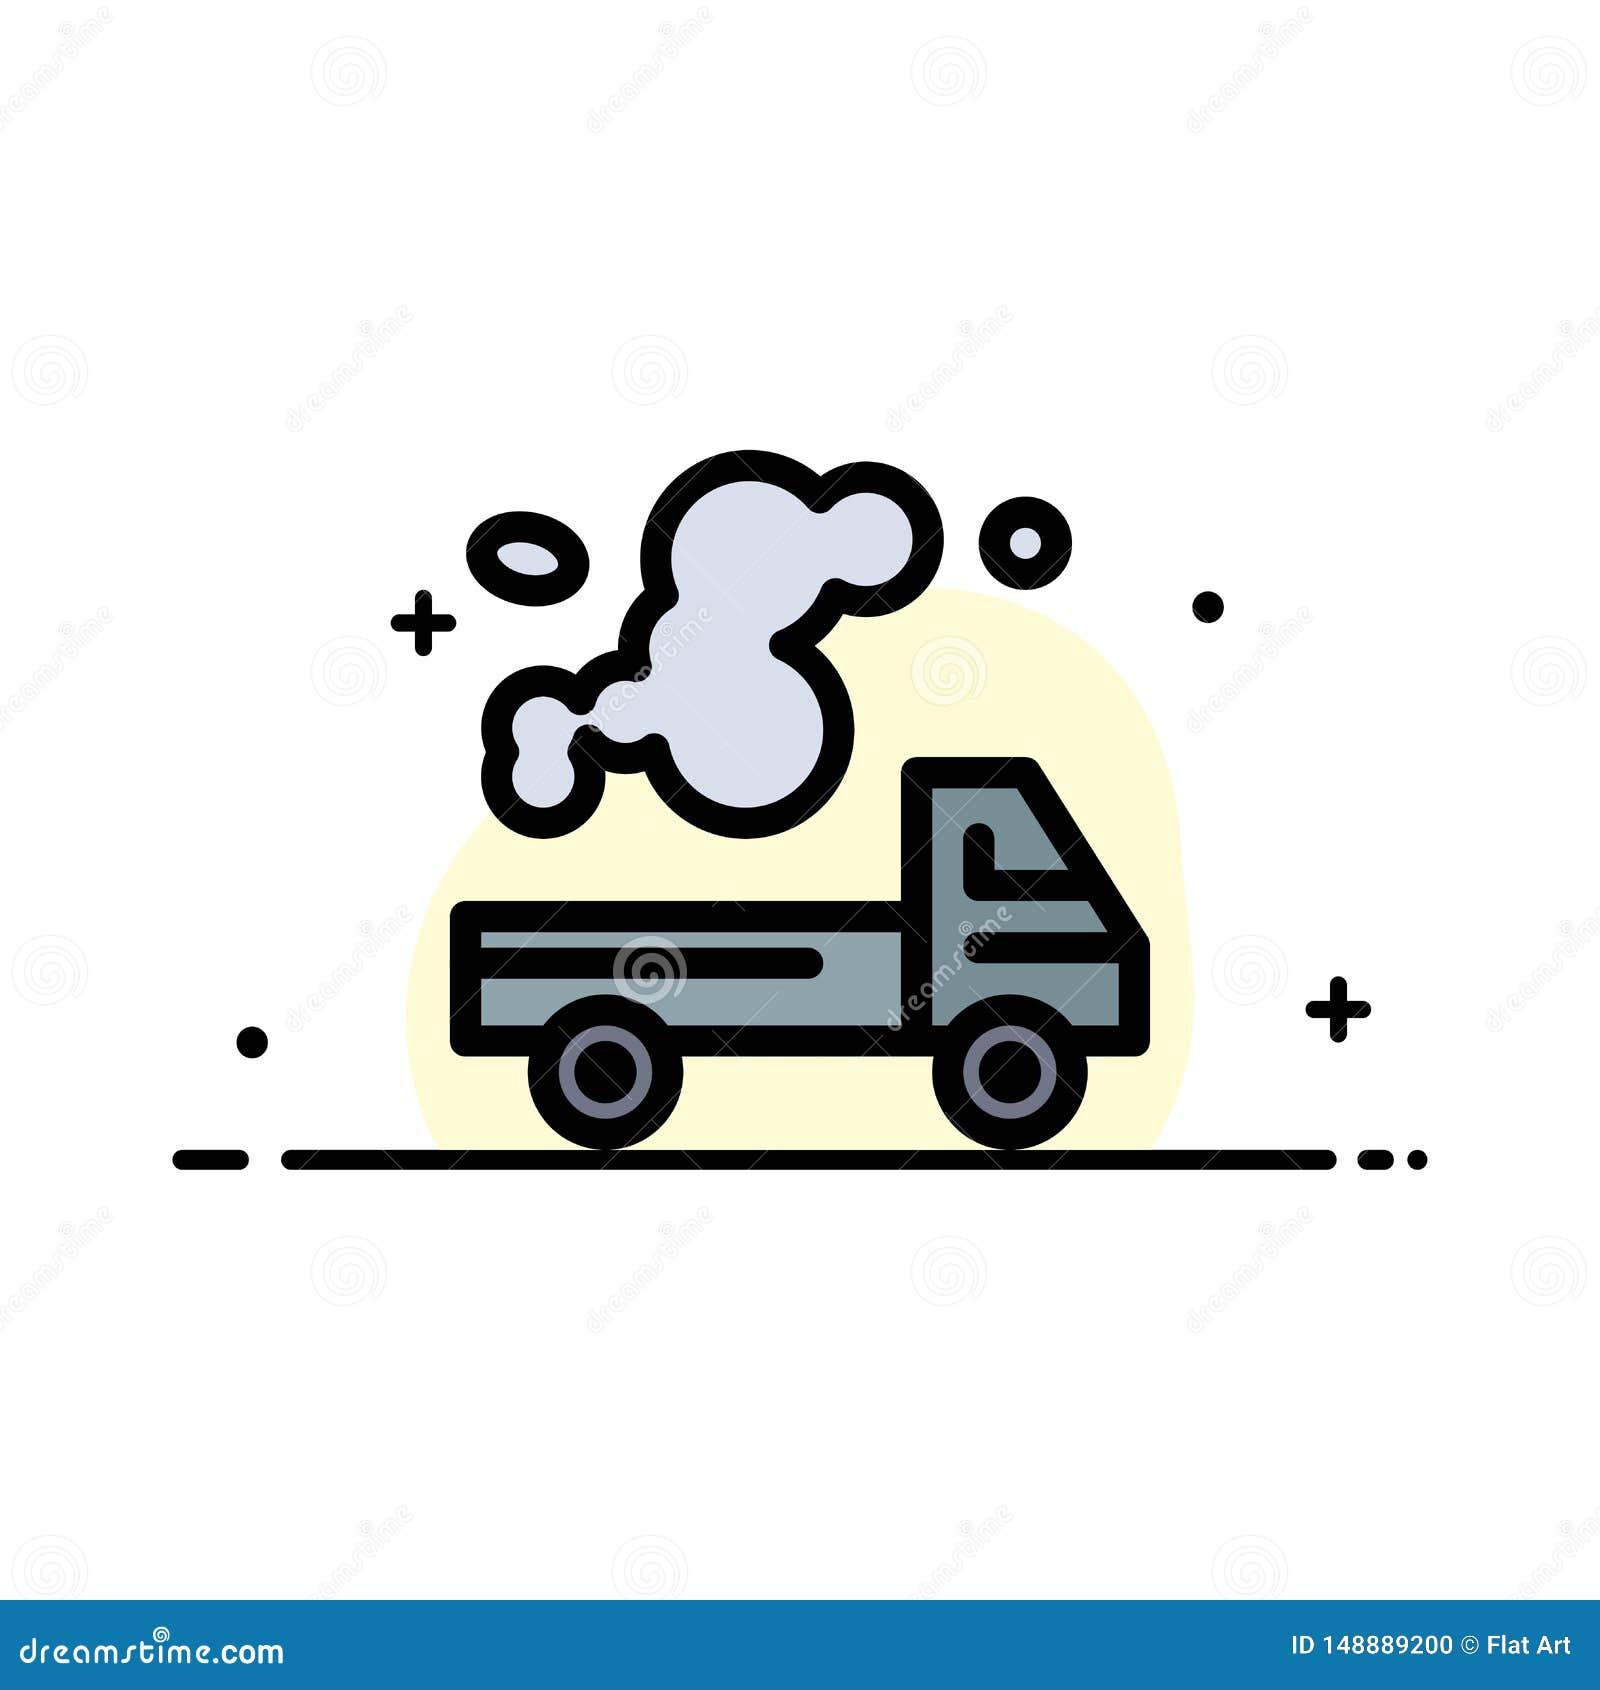 Αυτοκίνητο, φορτηγό, εκπομπή, αέριο, ρύπανσης πρότυπο εμβλημάτων επιχειρησιακών επίπεδο γεμισμένο γραμμή εικονιδίων διανυσματικό